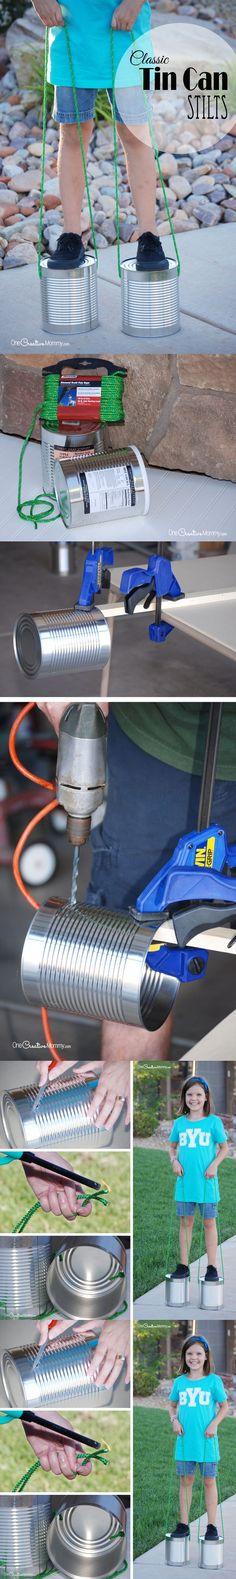 Zancos con latas de recicladas - Vía http://onecreativemommy.com/